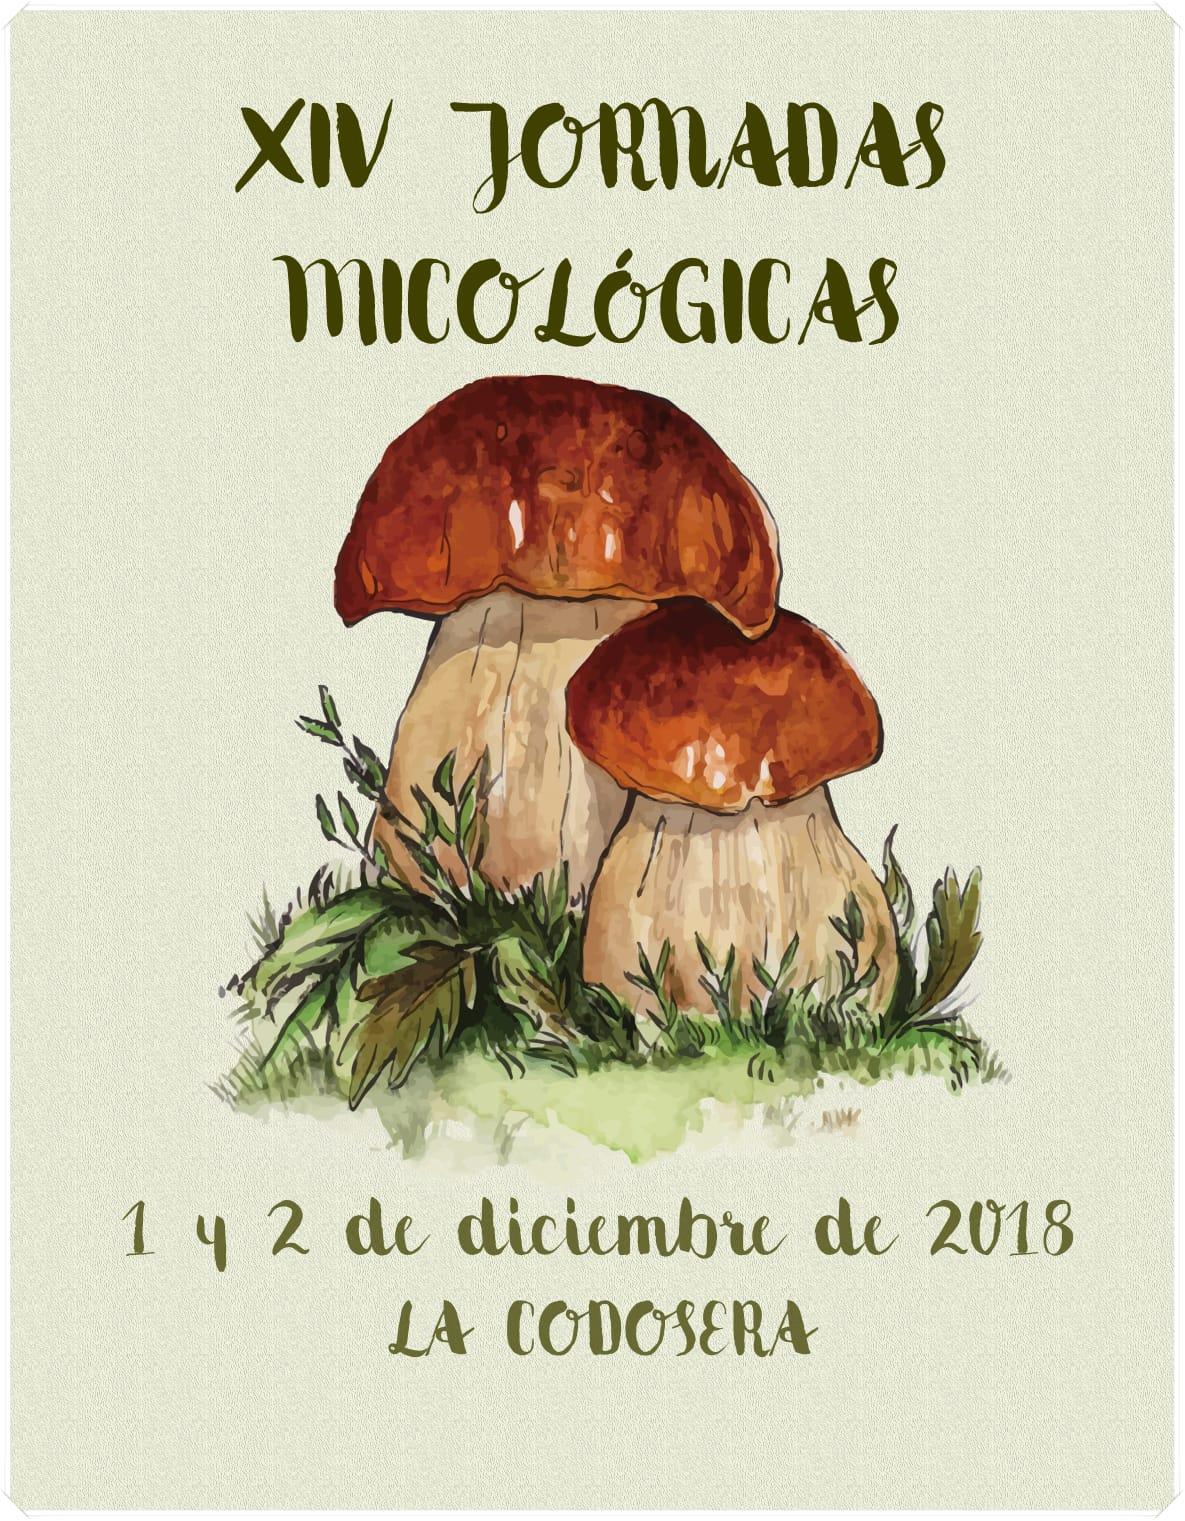 XIV Jornadas Micológicas – La Codosera 1 y 2 de diciembre